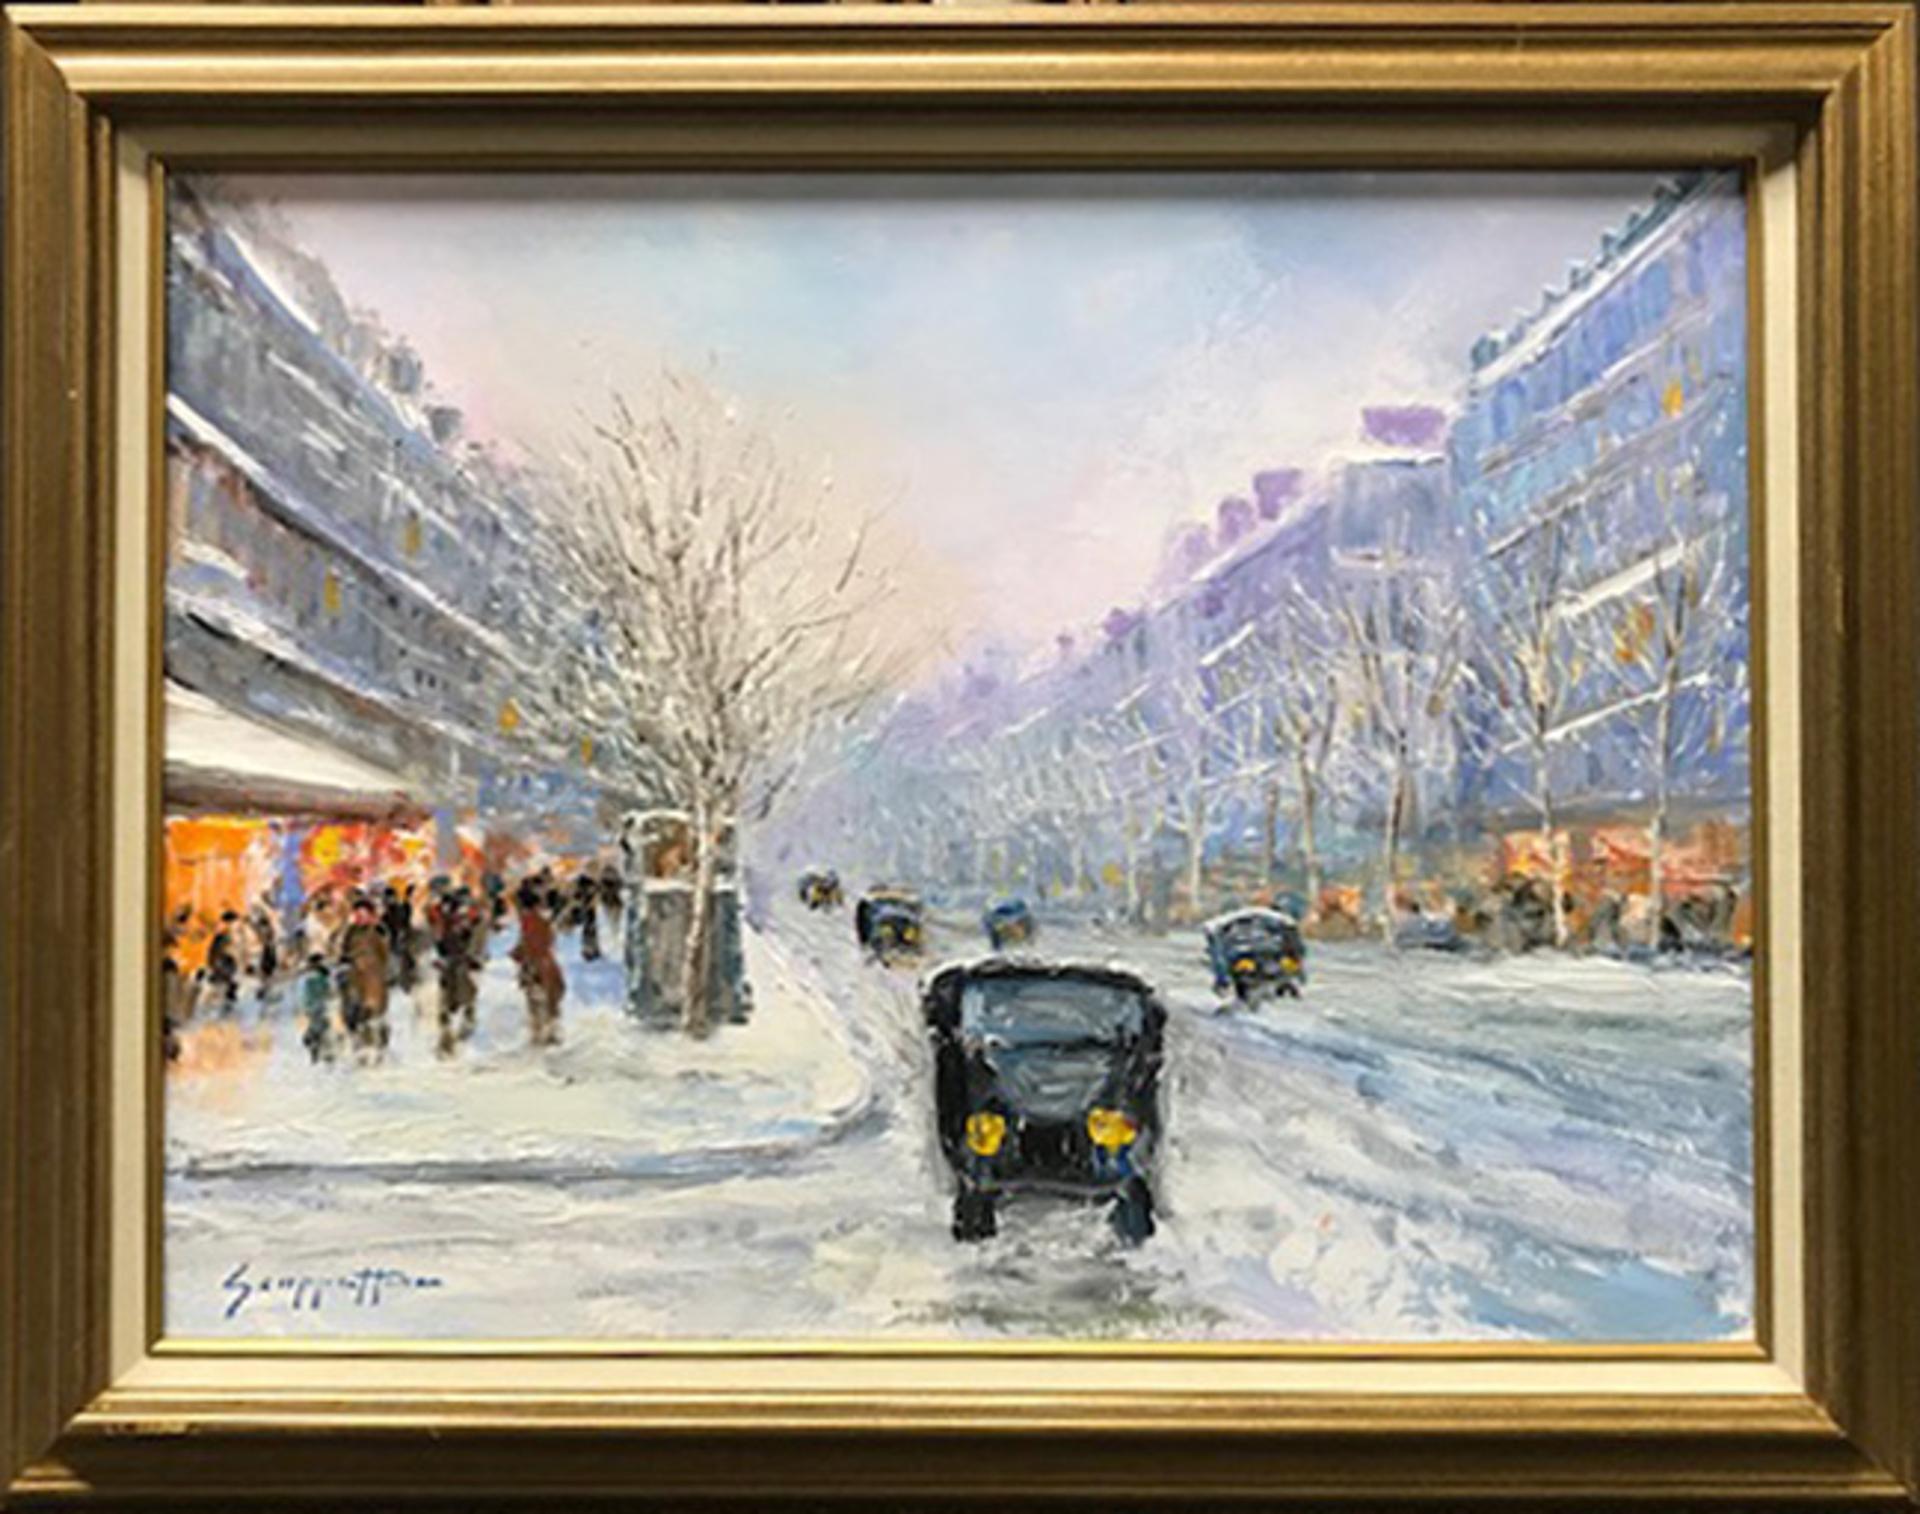 Boulevard Des Capucines, Paris by James Scoppettone